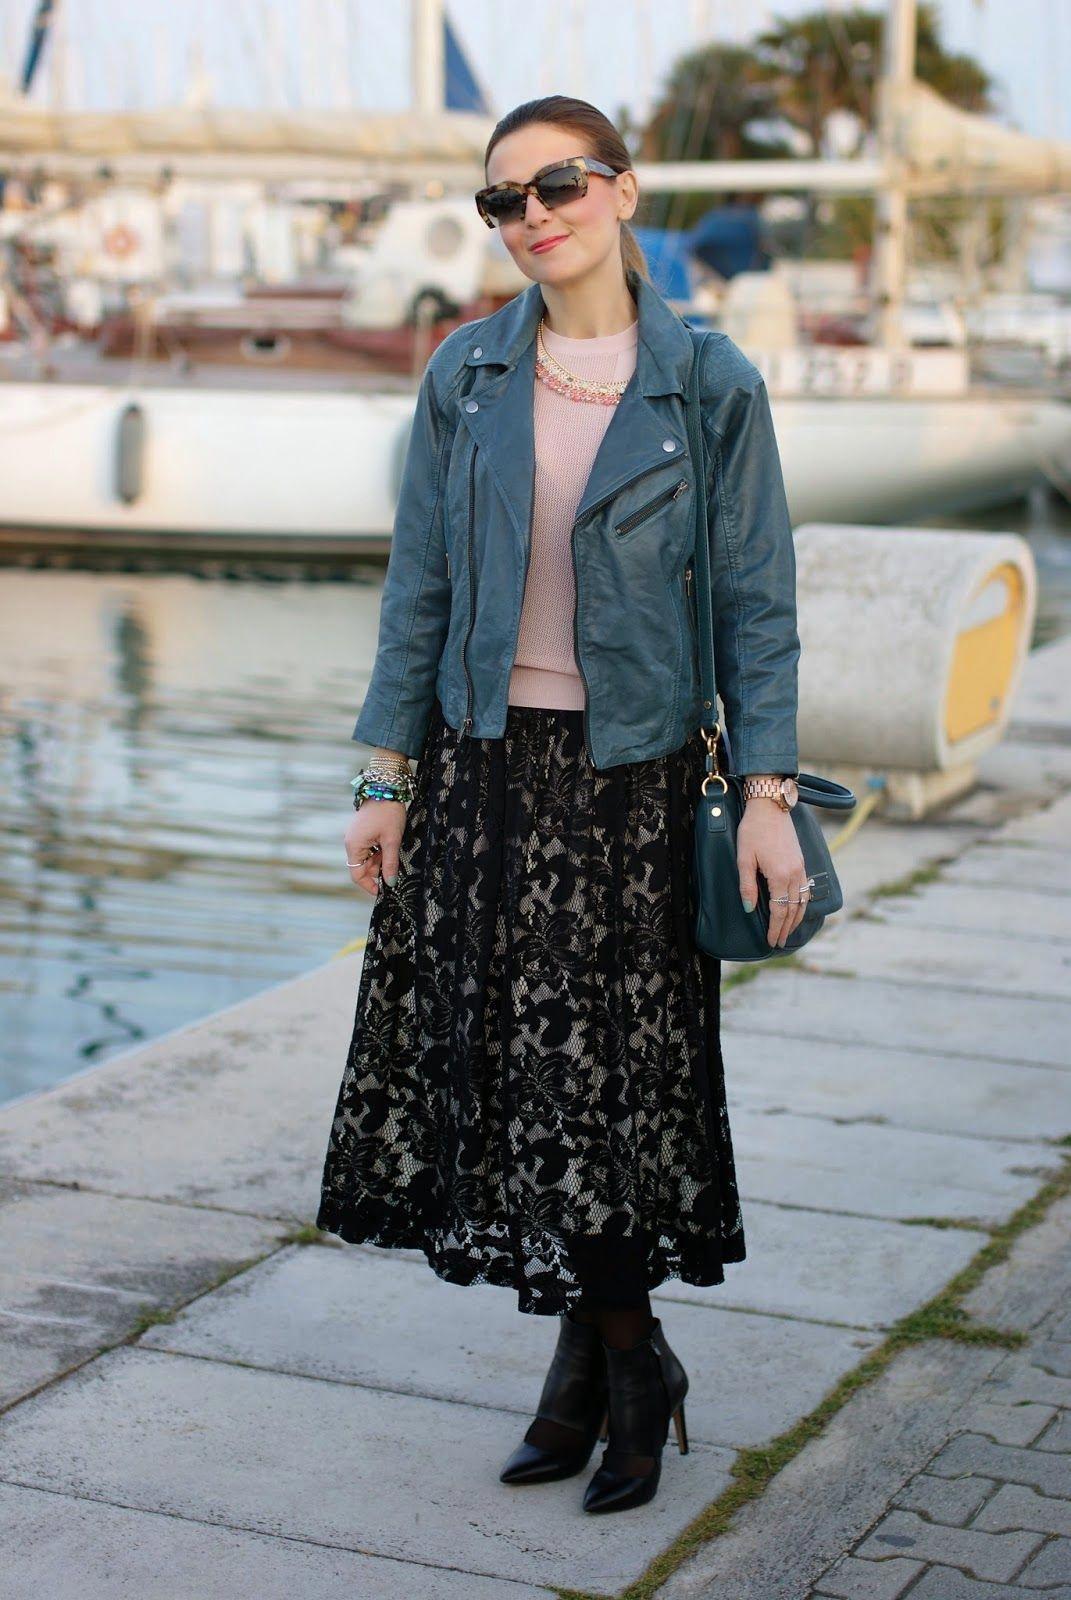 650bb93b55e7 Black lace skirt